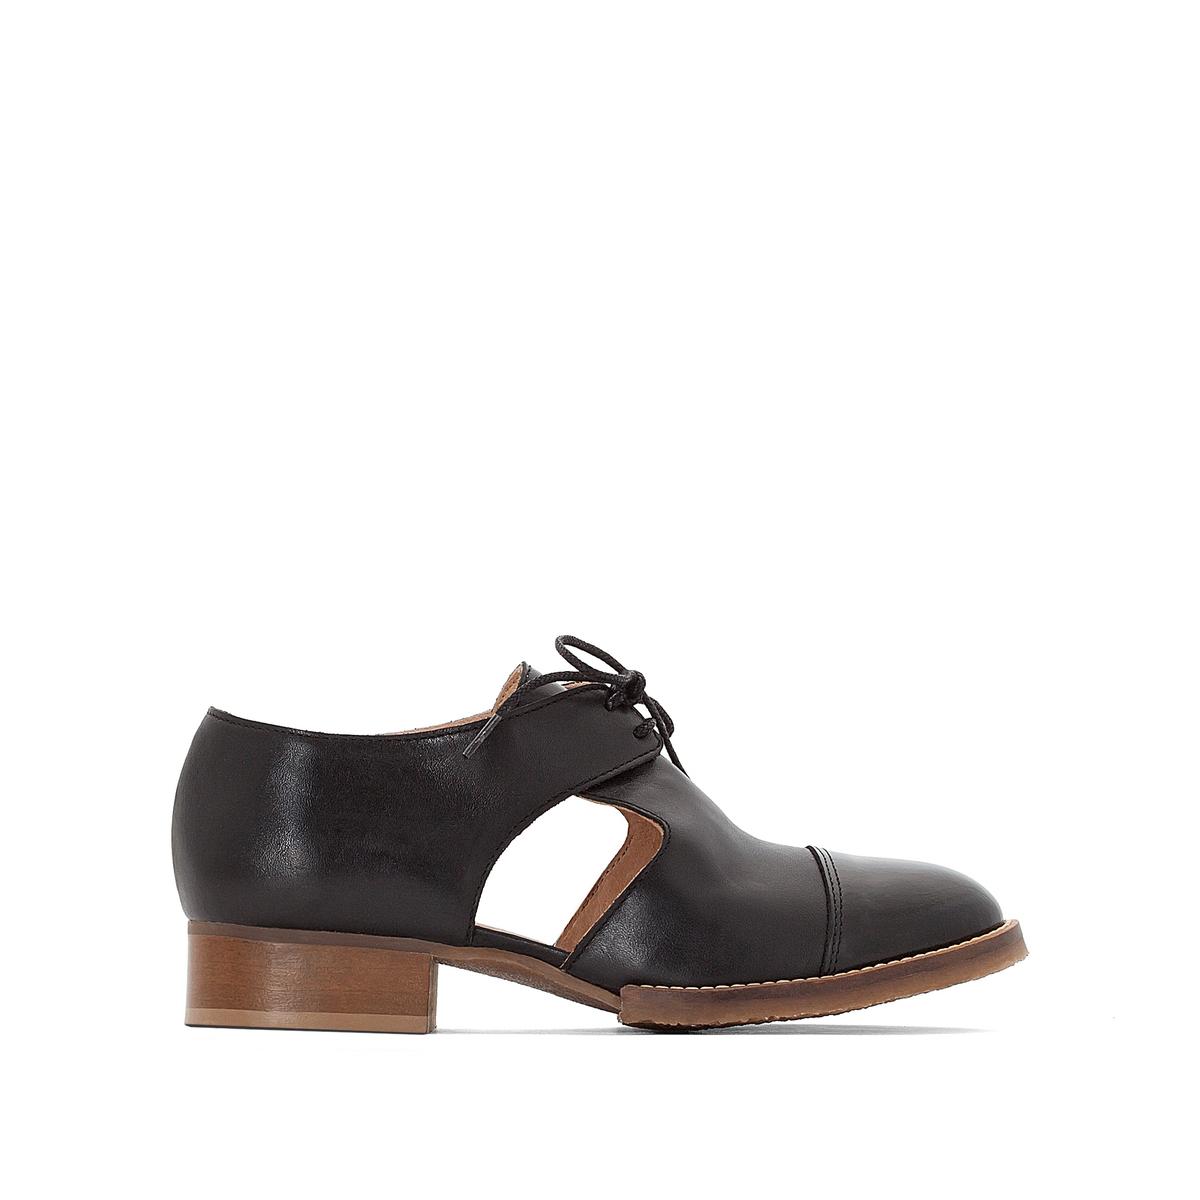 Ботинки-дерби кожаные AnoukВерх : кожа   Подкладка : кожа   Стелька : кожа   Подошва : эластомер   Высота каблука : 1 см   Форма каблука : плоский каблук   Мысок : закругленный мысок   Застежка : шнуровка<br><br>Цвет: черный